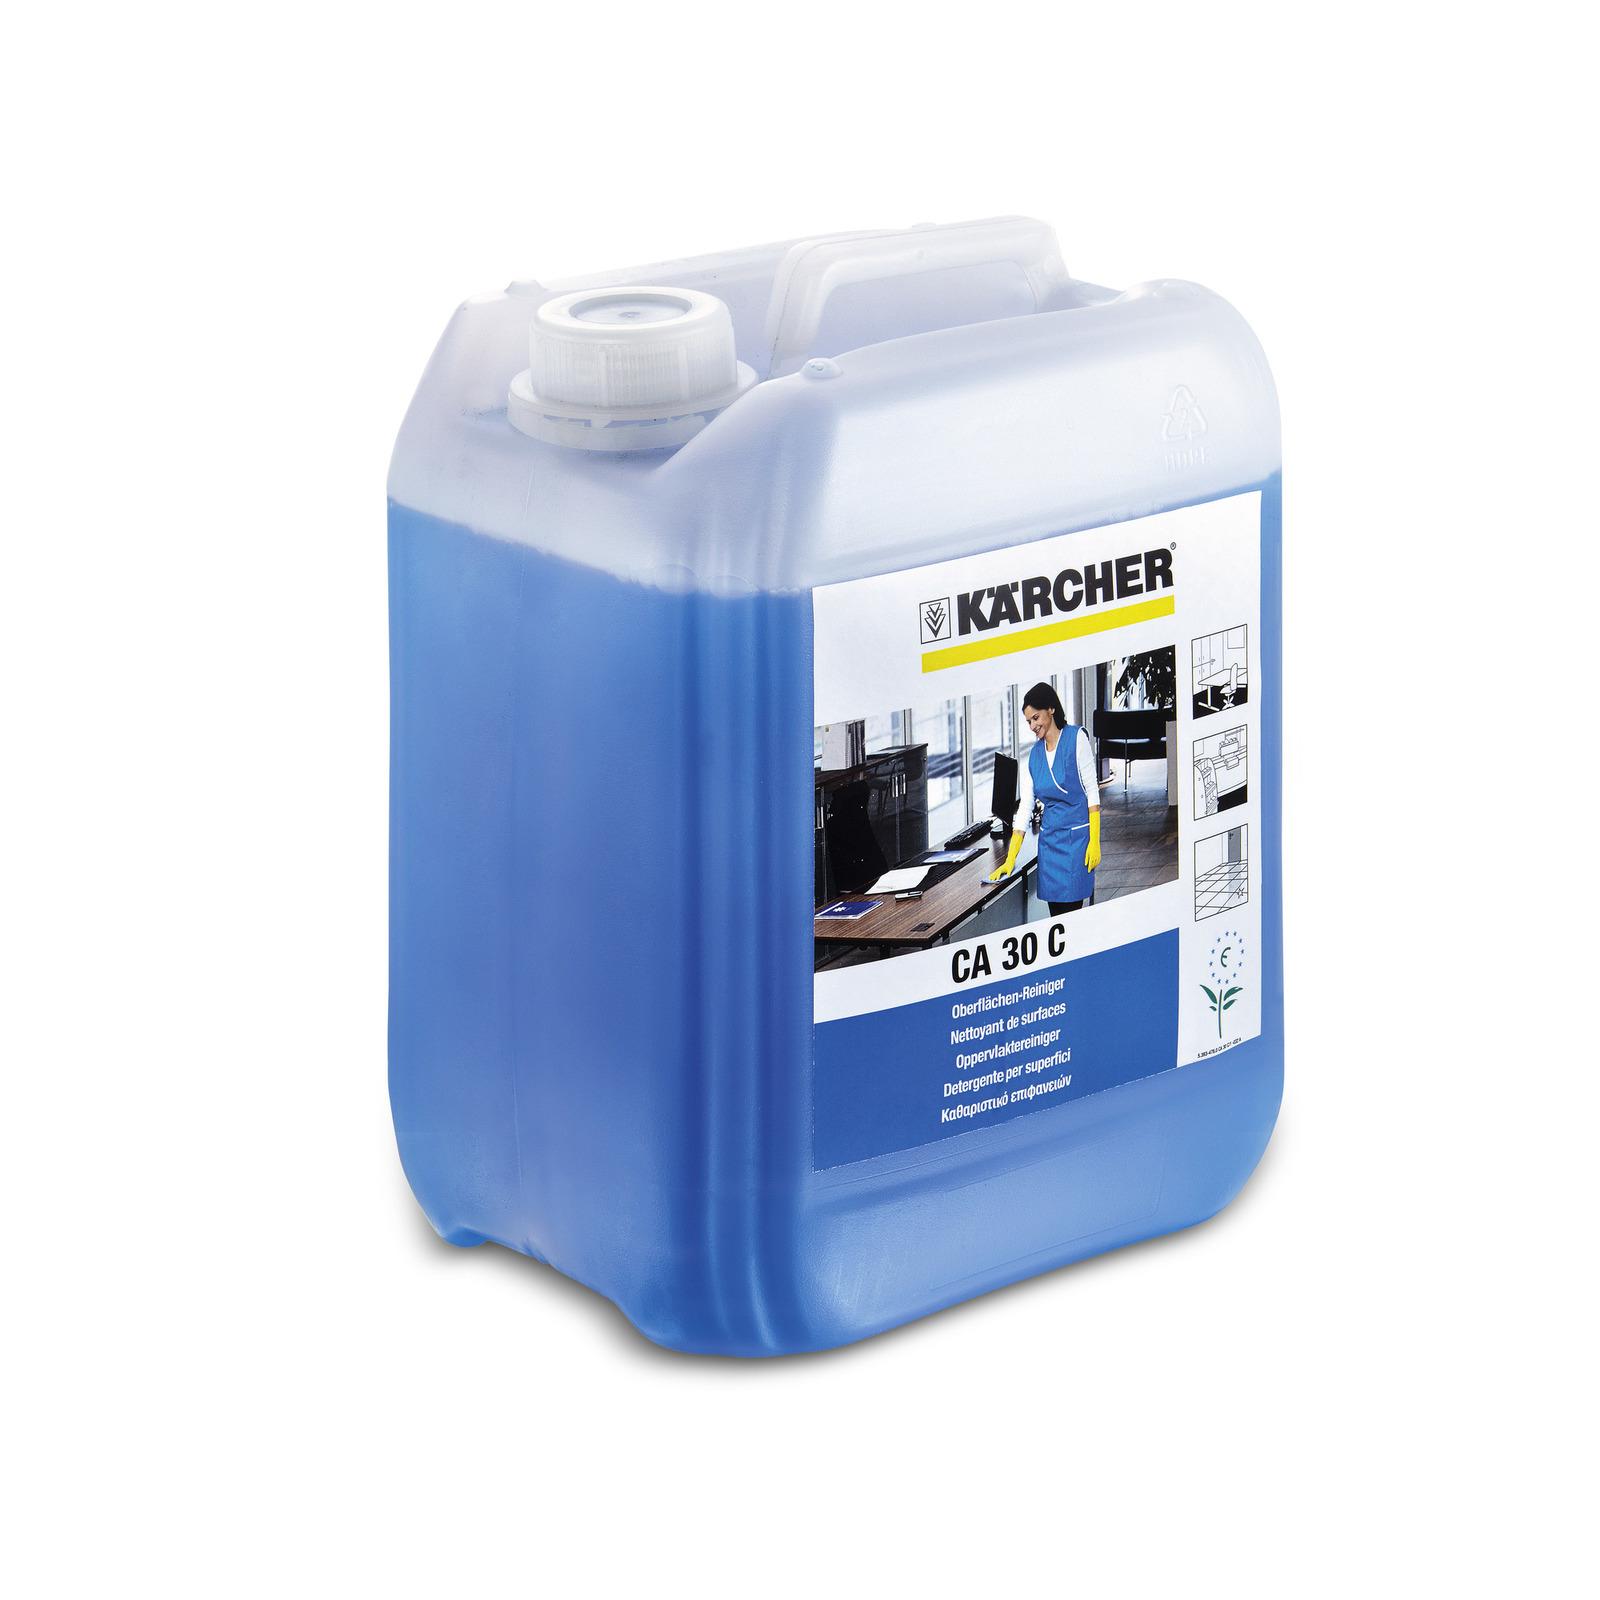 Почистващ препарат за повърхности Karcher CA 30 C - 5л